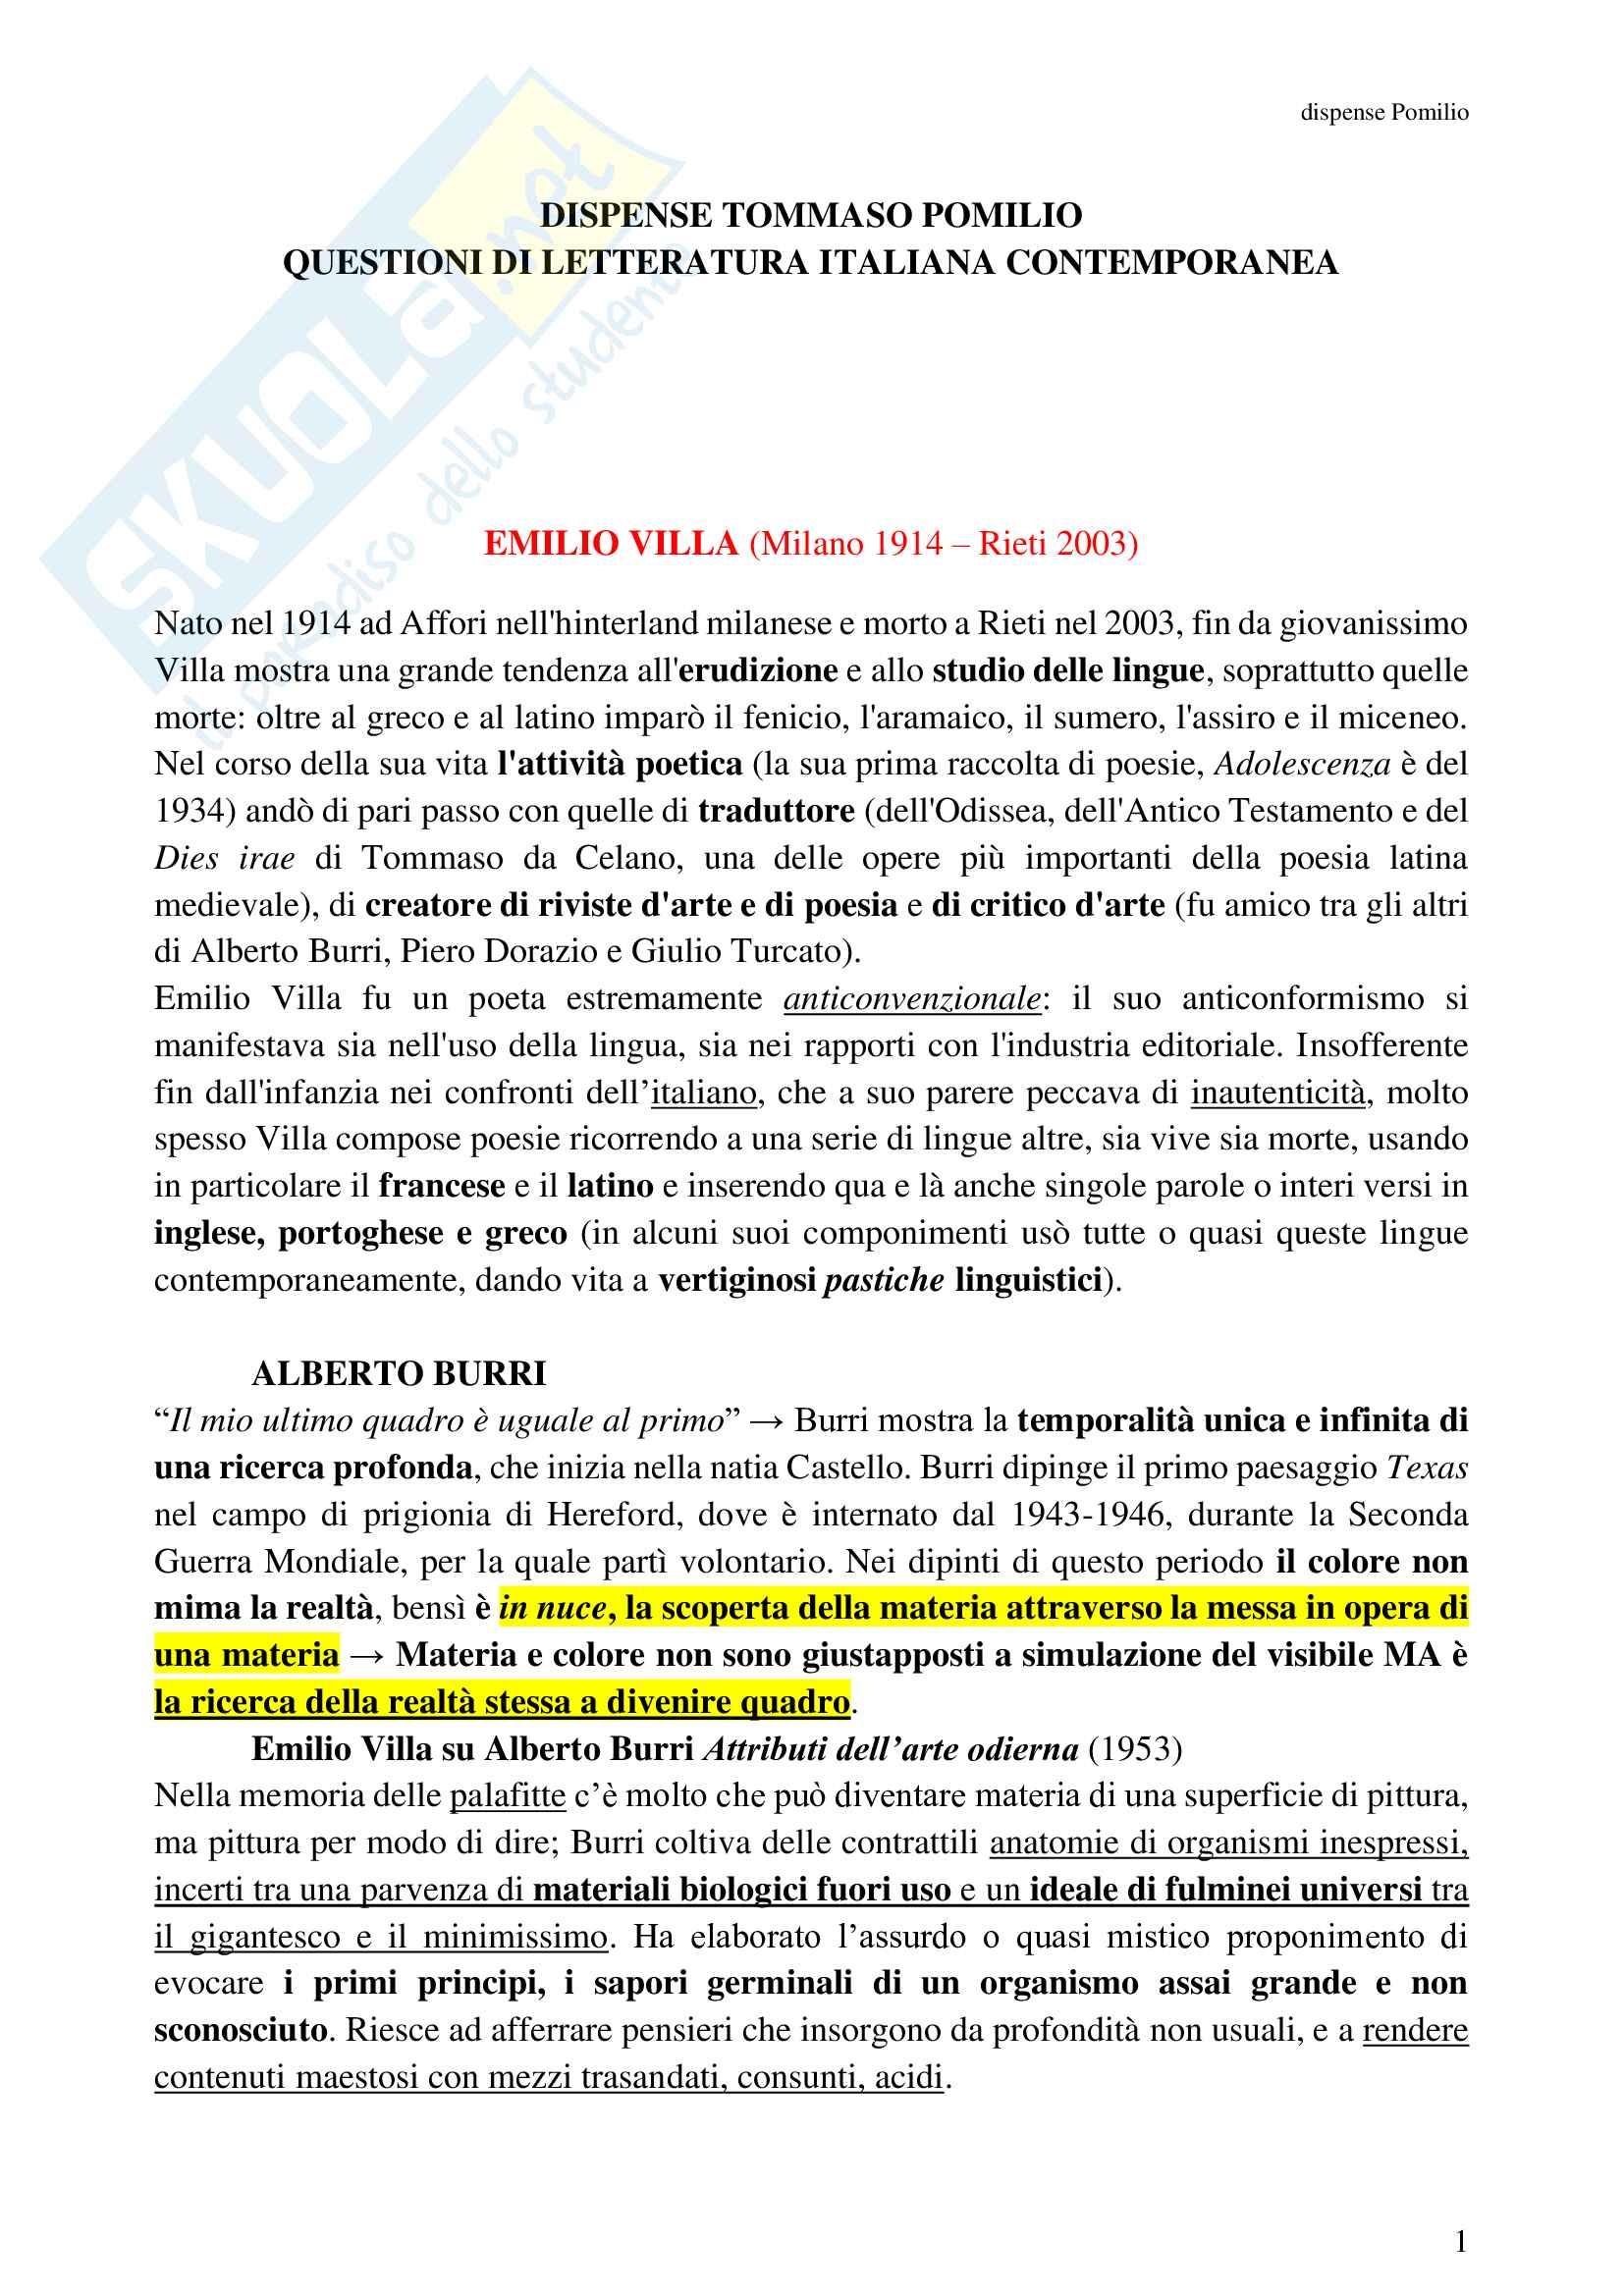 Riassunto esame Questioni di letteratura italiana contemporanea, prof Pomilio, libro consigliato: dispense del professore